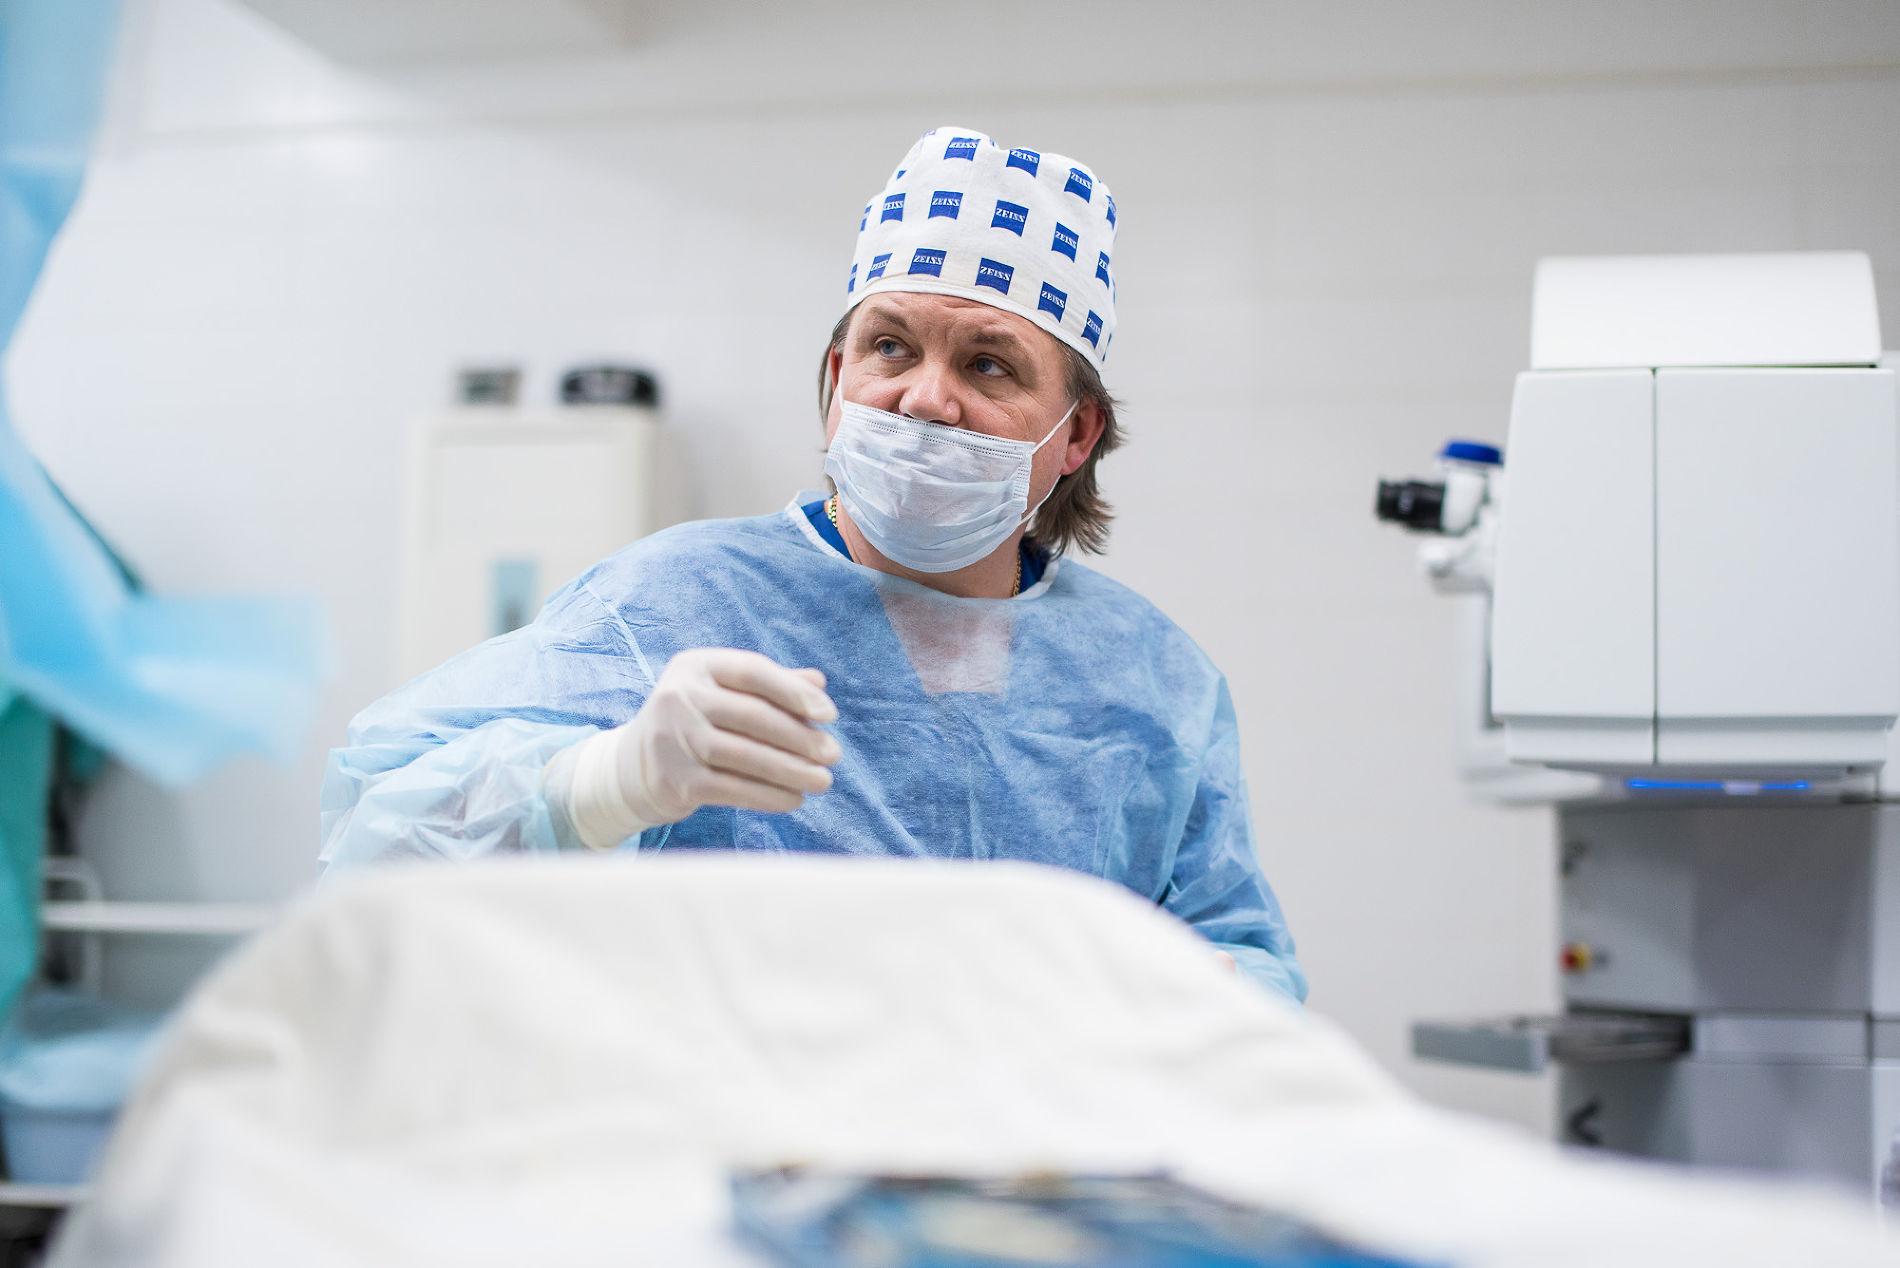 Картинки специальностей врачей